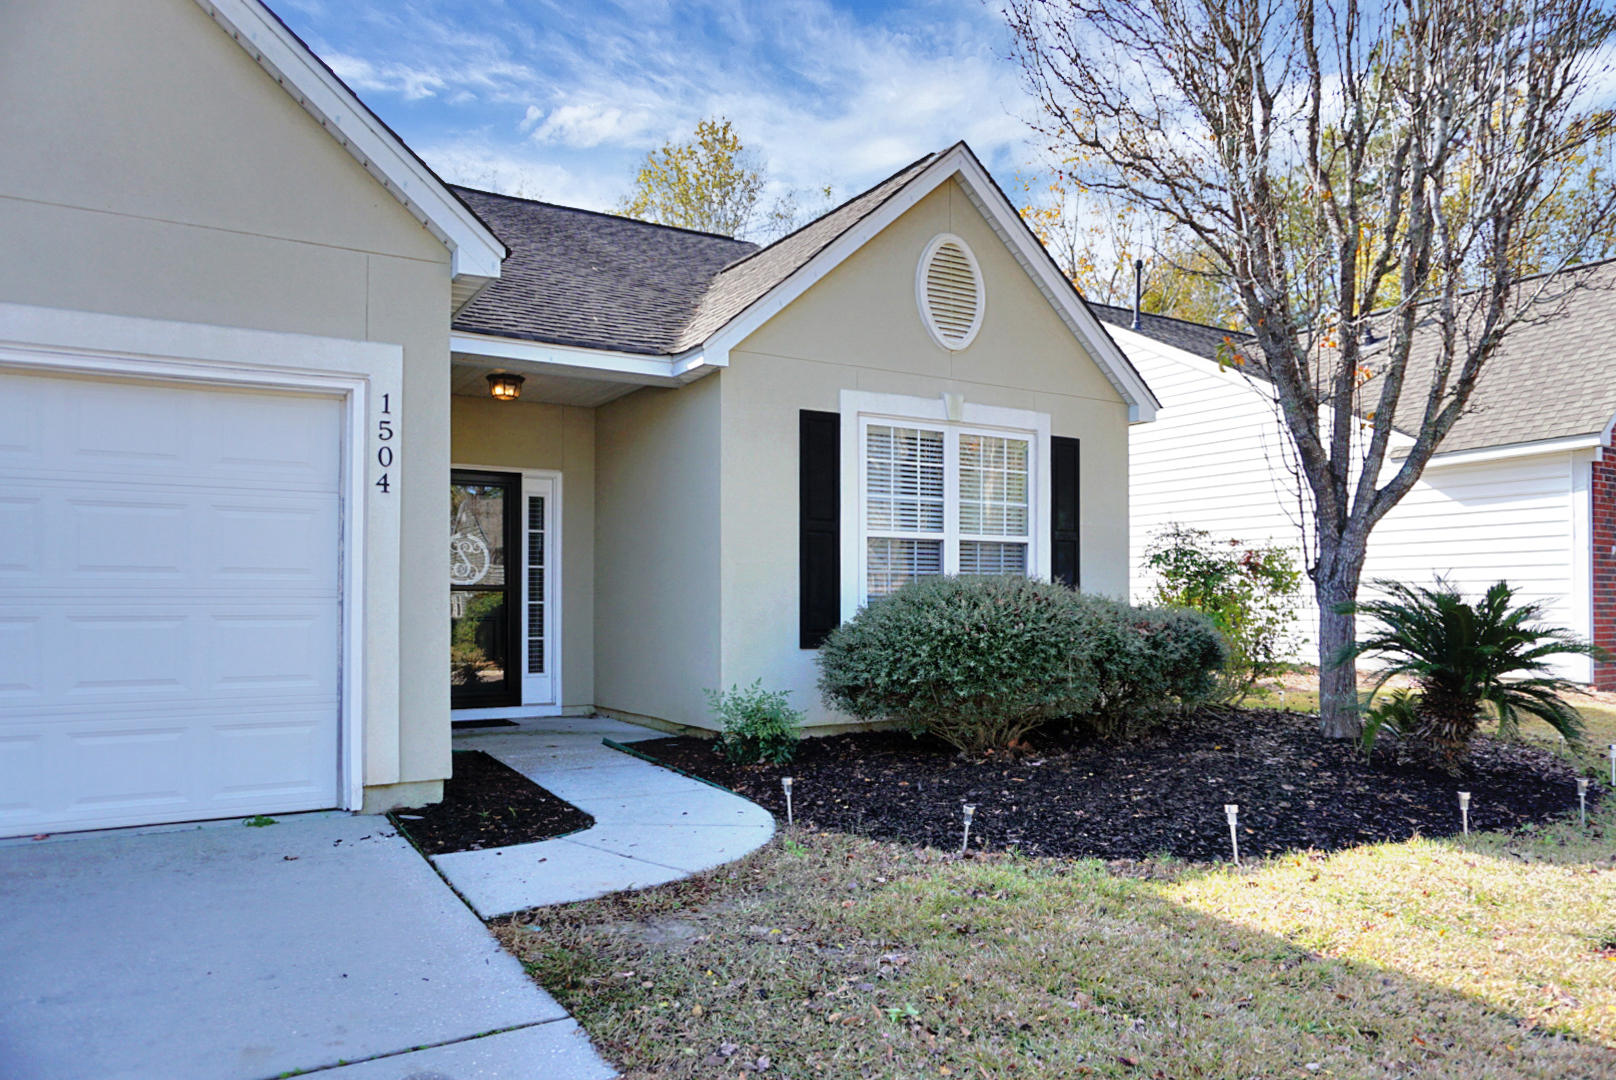 Park West Homes For Sale - 1504 Huxley, Mount Pleasant, SC - 0